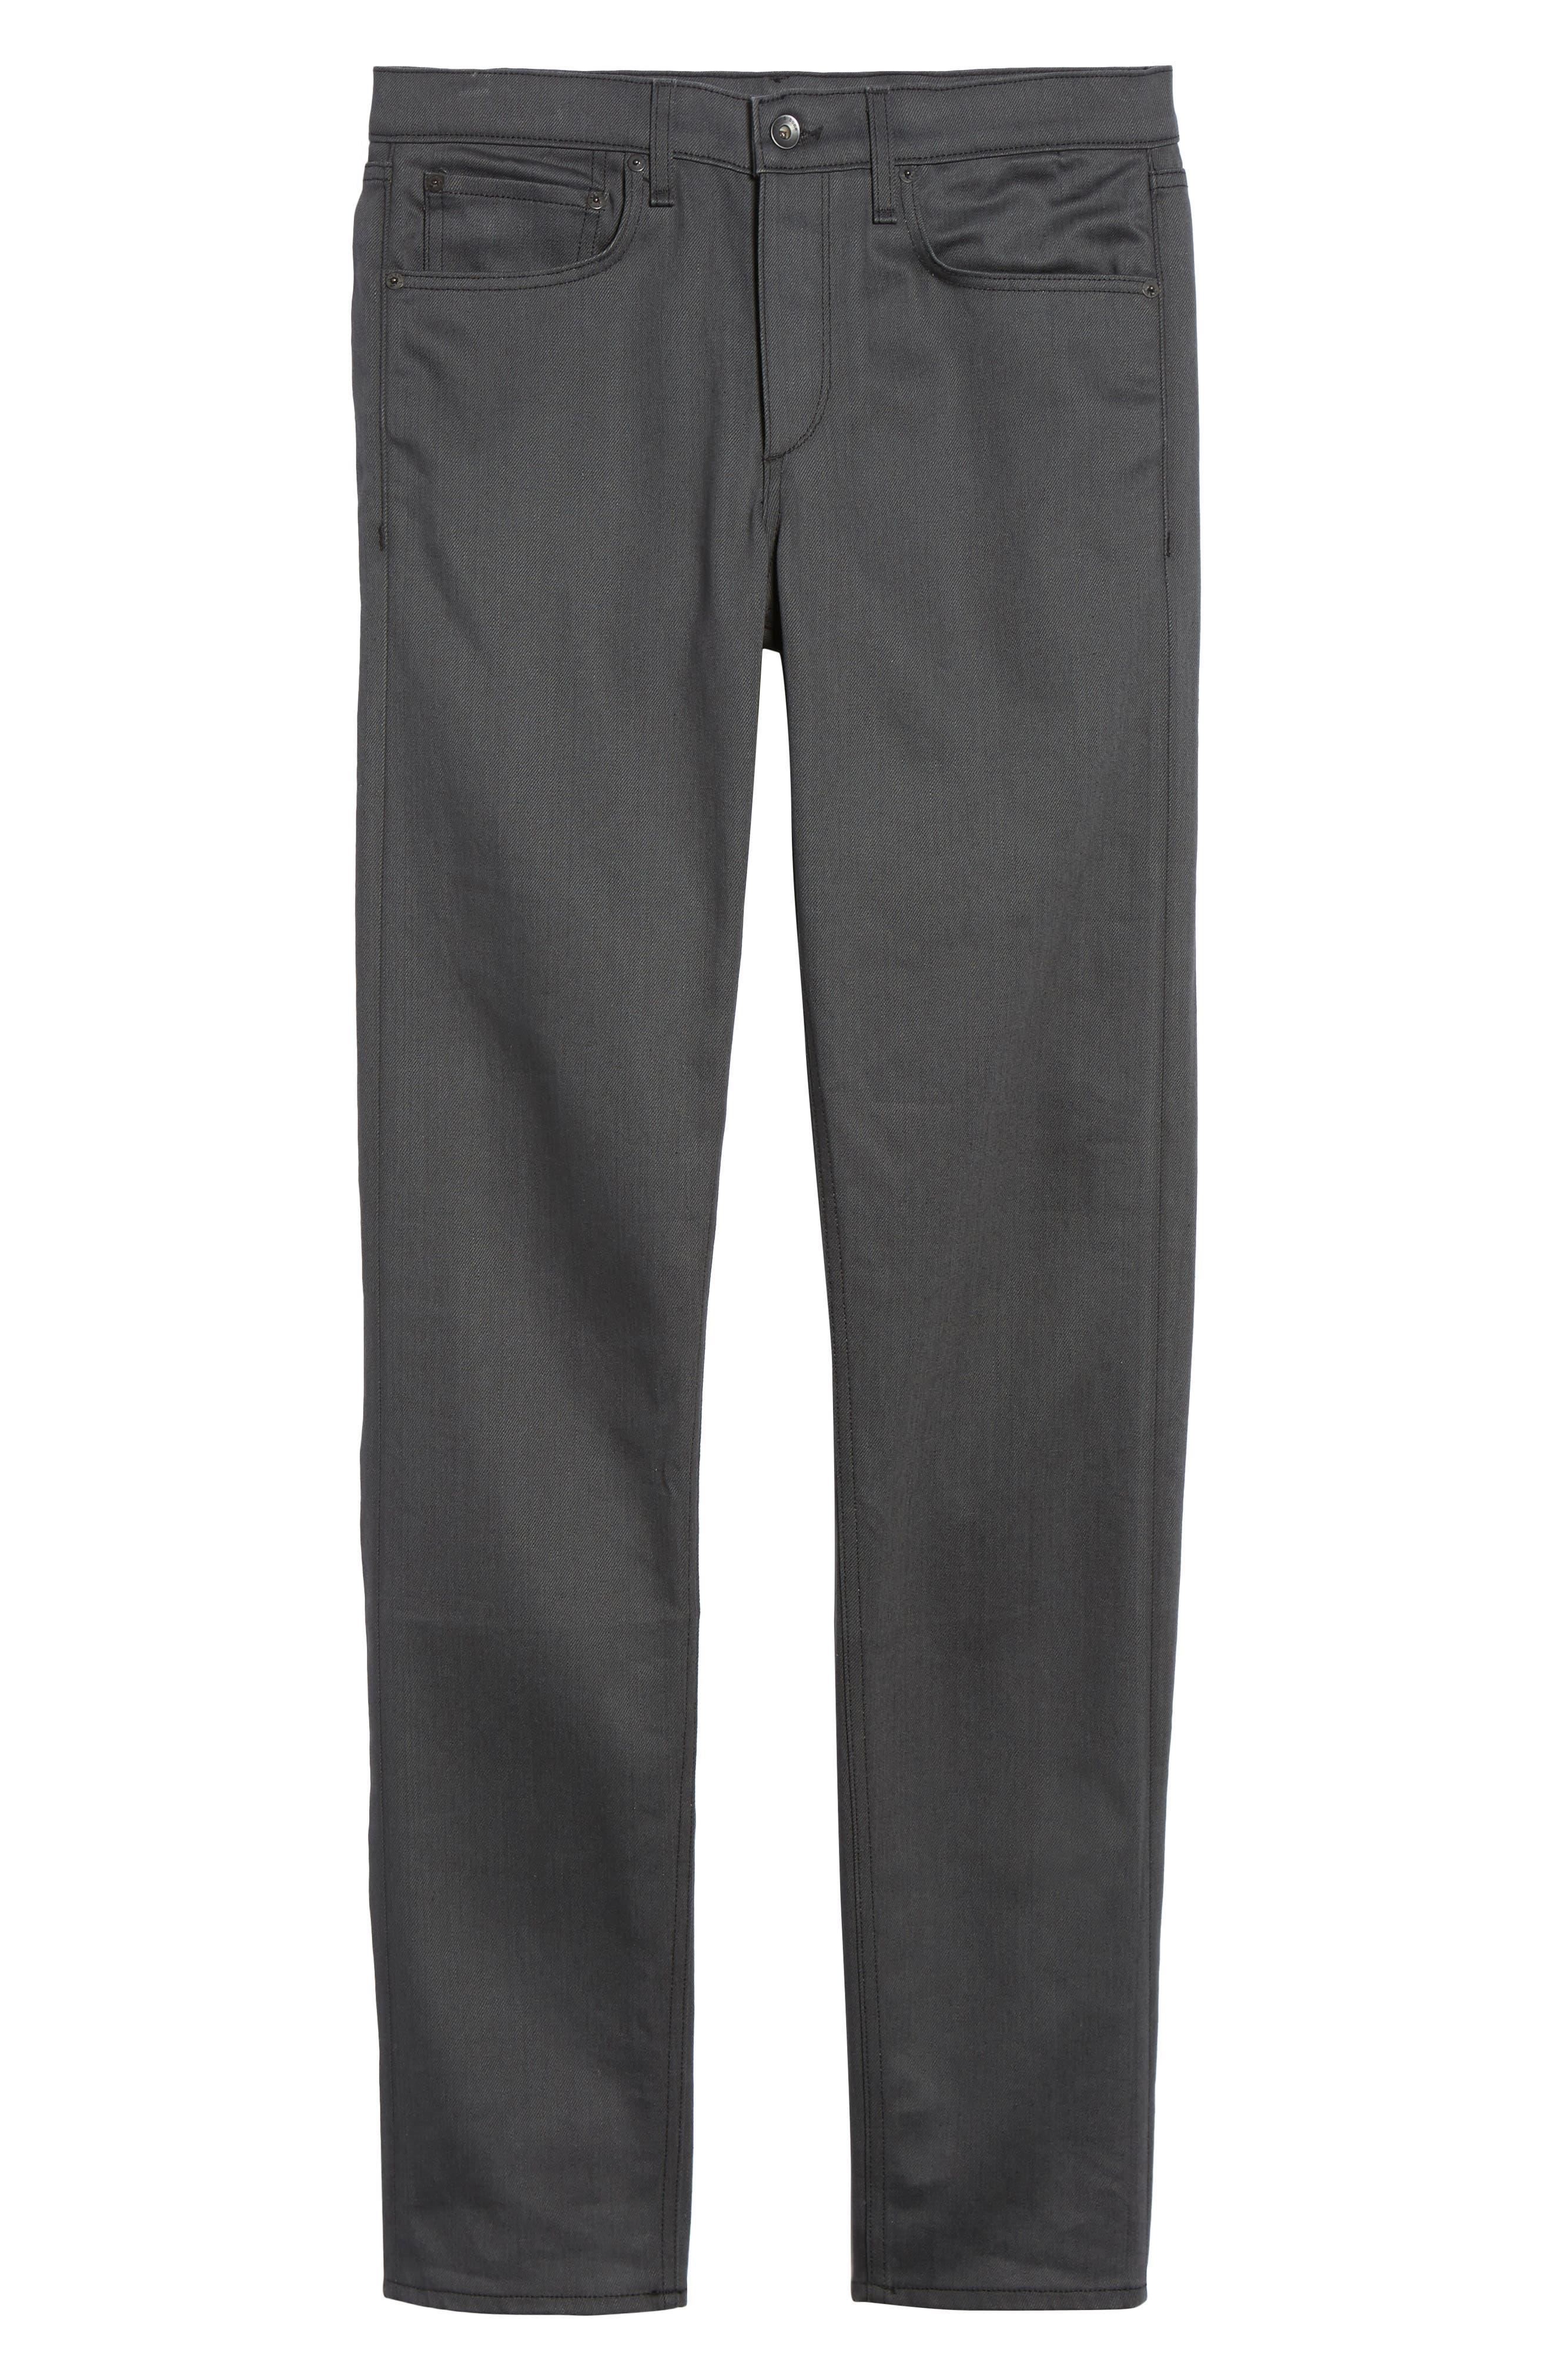 Fit 2 Slim Fit Jeans,                             Alternate thumbnail 6, color,                             002